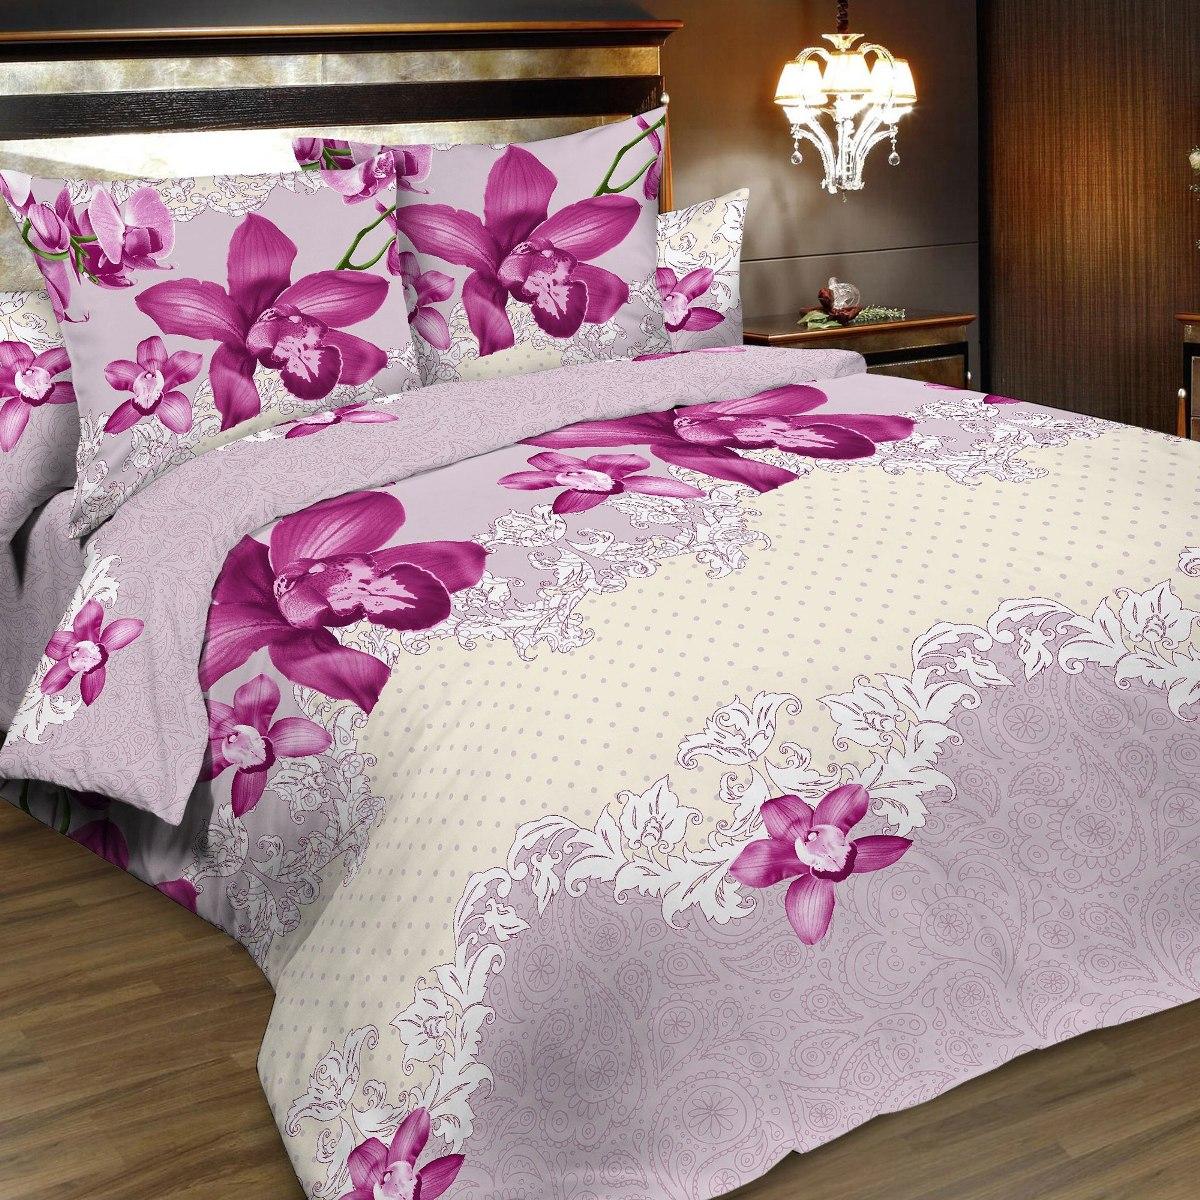 Комплект белья Letto, 1,5-спальный, наволочки 70х70. B168-3B168-3Комплект постельного белья Letto выполнен из классической российской бязи (хлопка). Комплект состоит из пододеяльника, простыни и двух наволочек. Постельное белье, оформленное оригинальным цветочным рисунком, имеет изысканный внешний вид. Пододеяльник снабжен молнией. Благодаря такому комплекту постельного белья вы сможете создать атмосферу роскоши и романтики в вашей спальне. Уважаемые клиенты! Обращаем ваше внимание на тот факт, что расцветка наволочек может отличаться от представленной на фото.